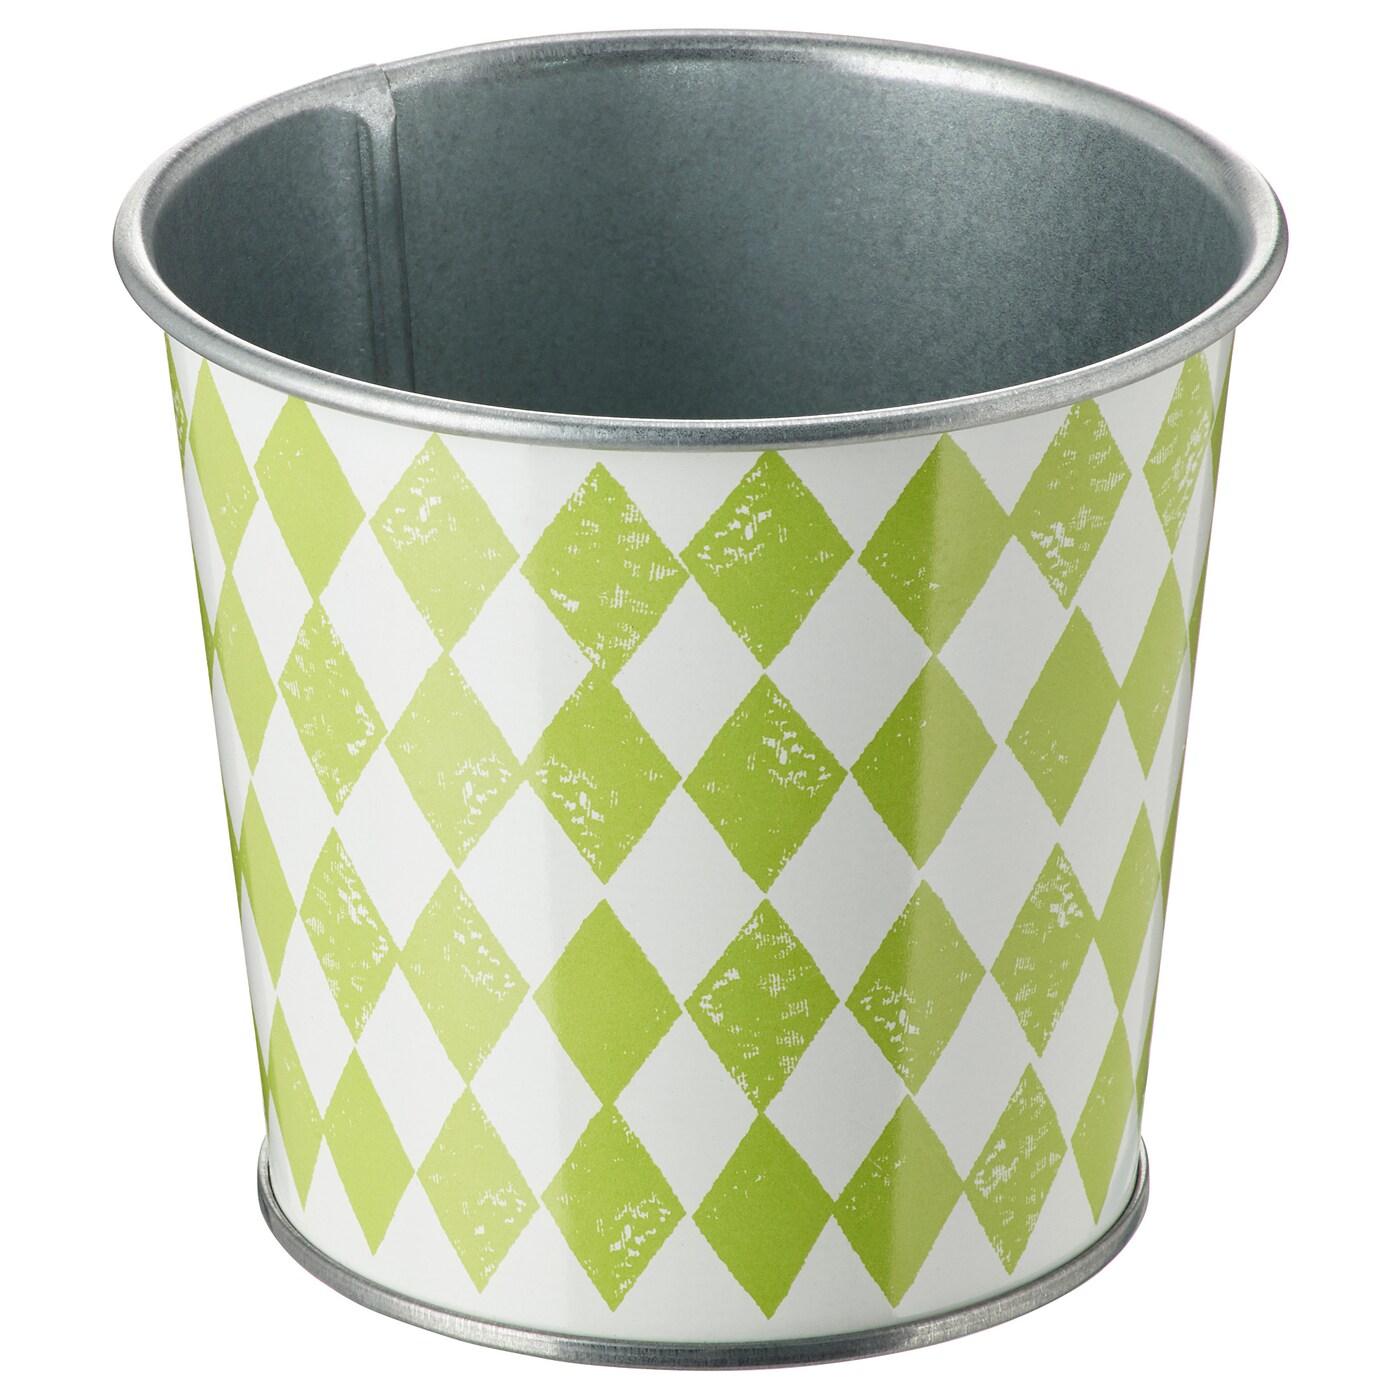 sommar 2018 plant pot patterned 9 cm ikea. Black Bedroom Furniture Sets. Home Design Ideas